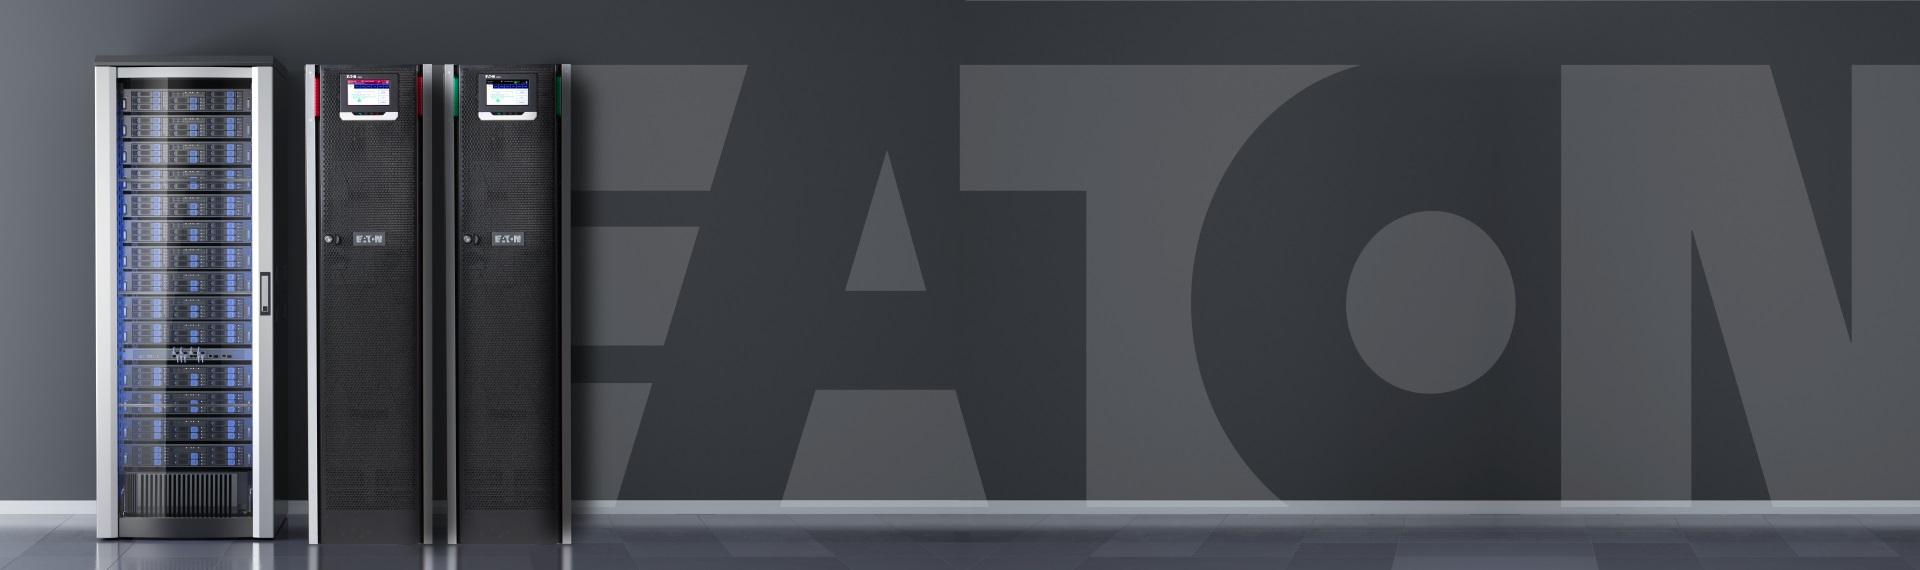 EATON UPS 93PS 8-40 kW inteligentna ochrona zasilania - TLO